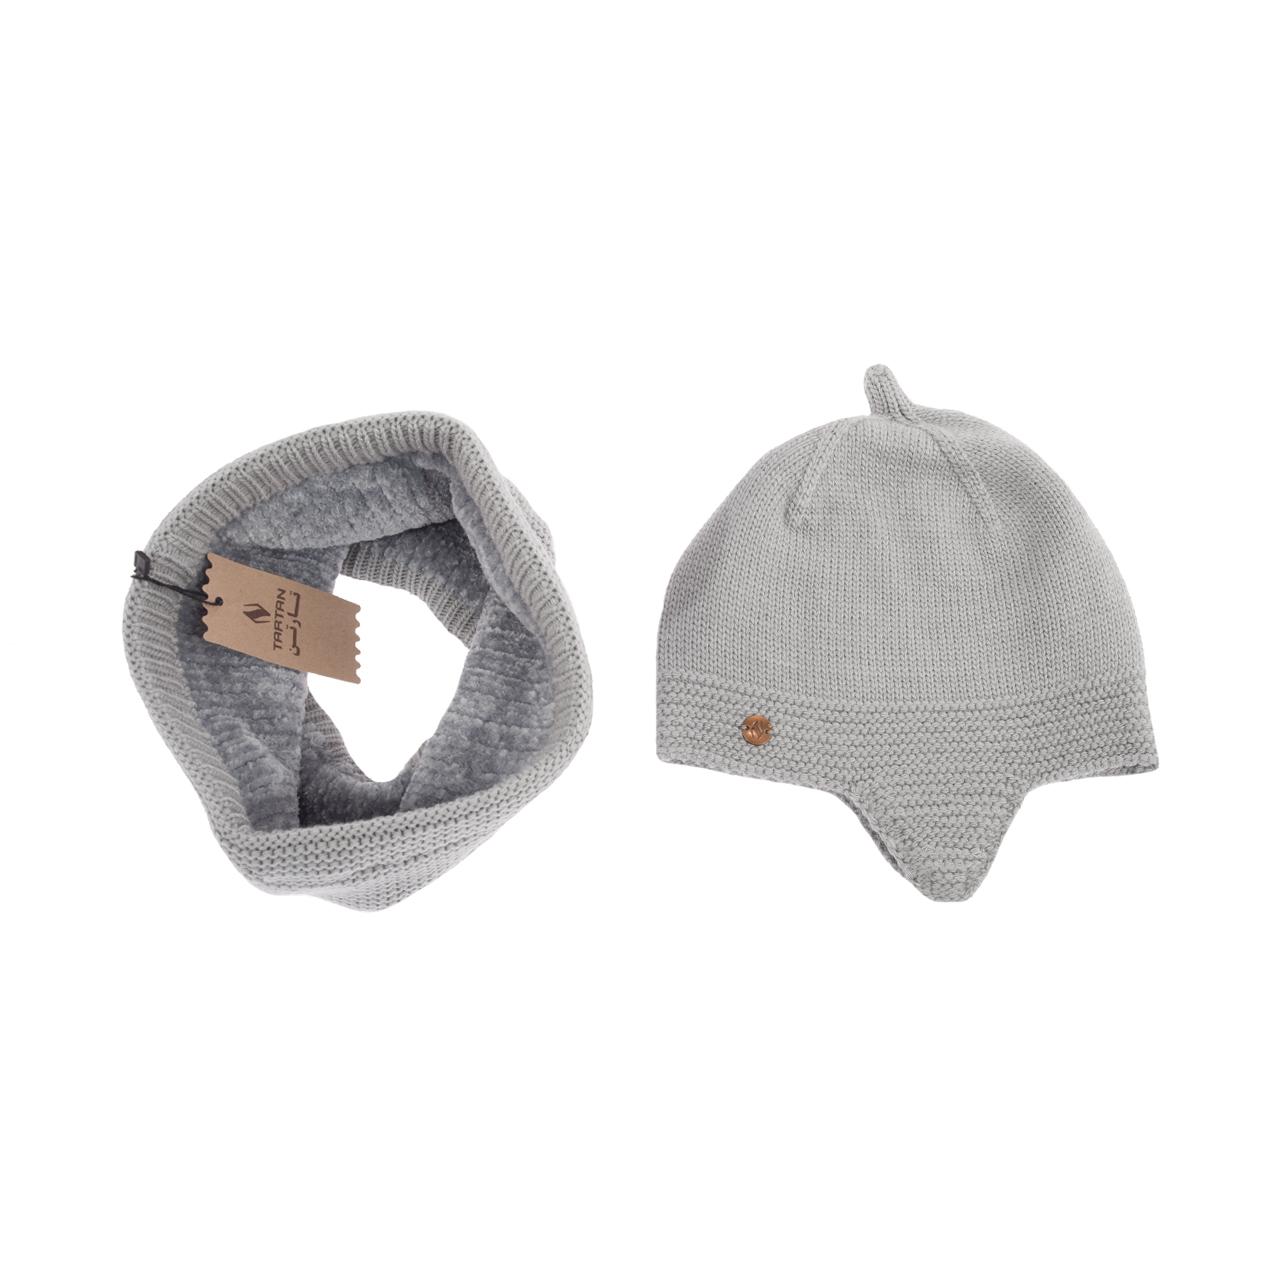 ست کلاه و شال گردن بافتنی تارتن مدل 70016 رنگ طوسی